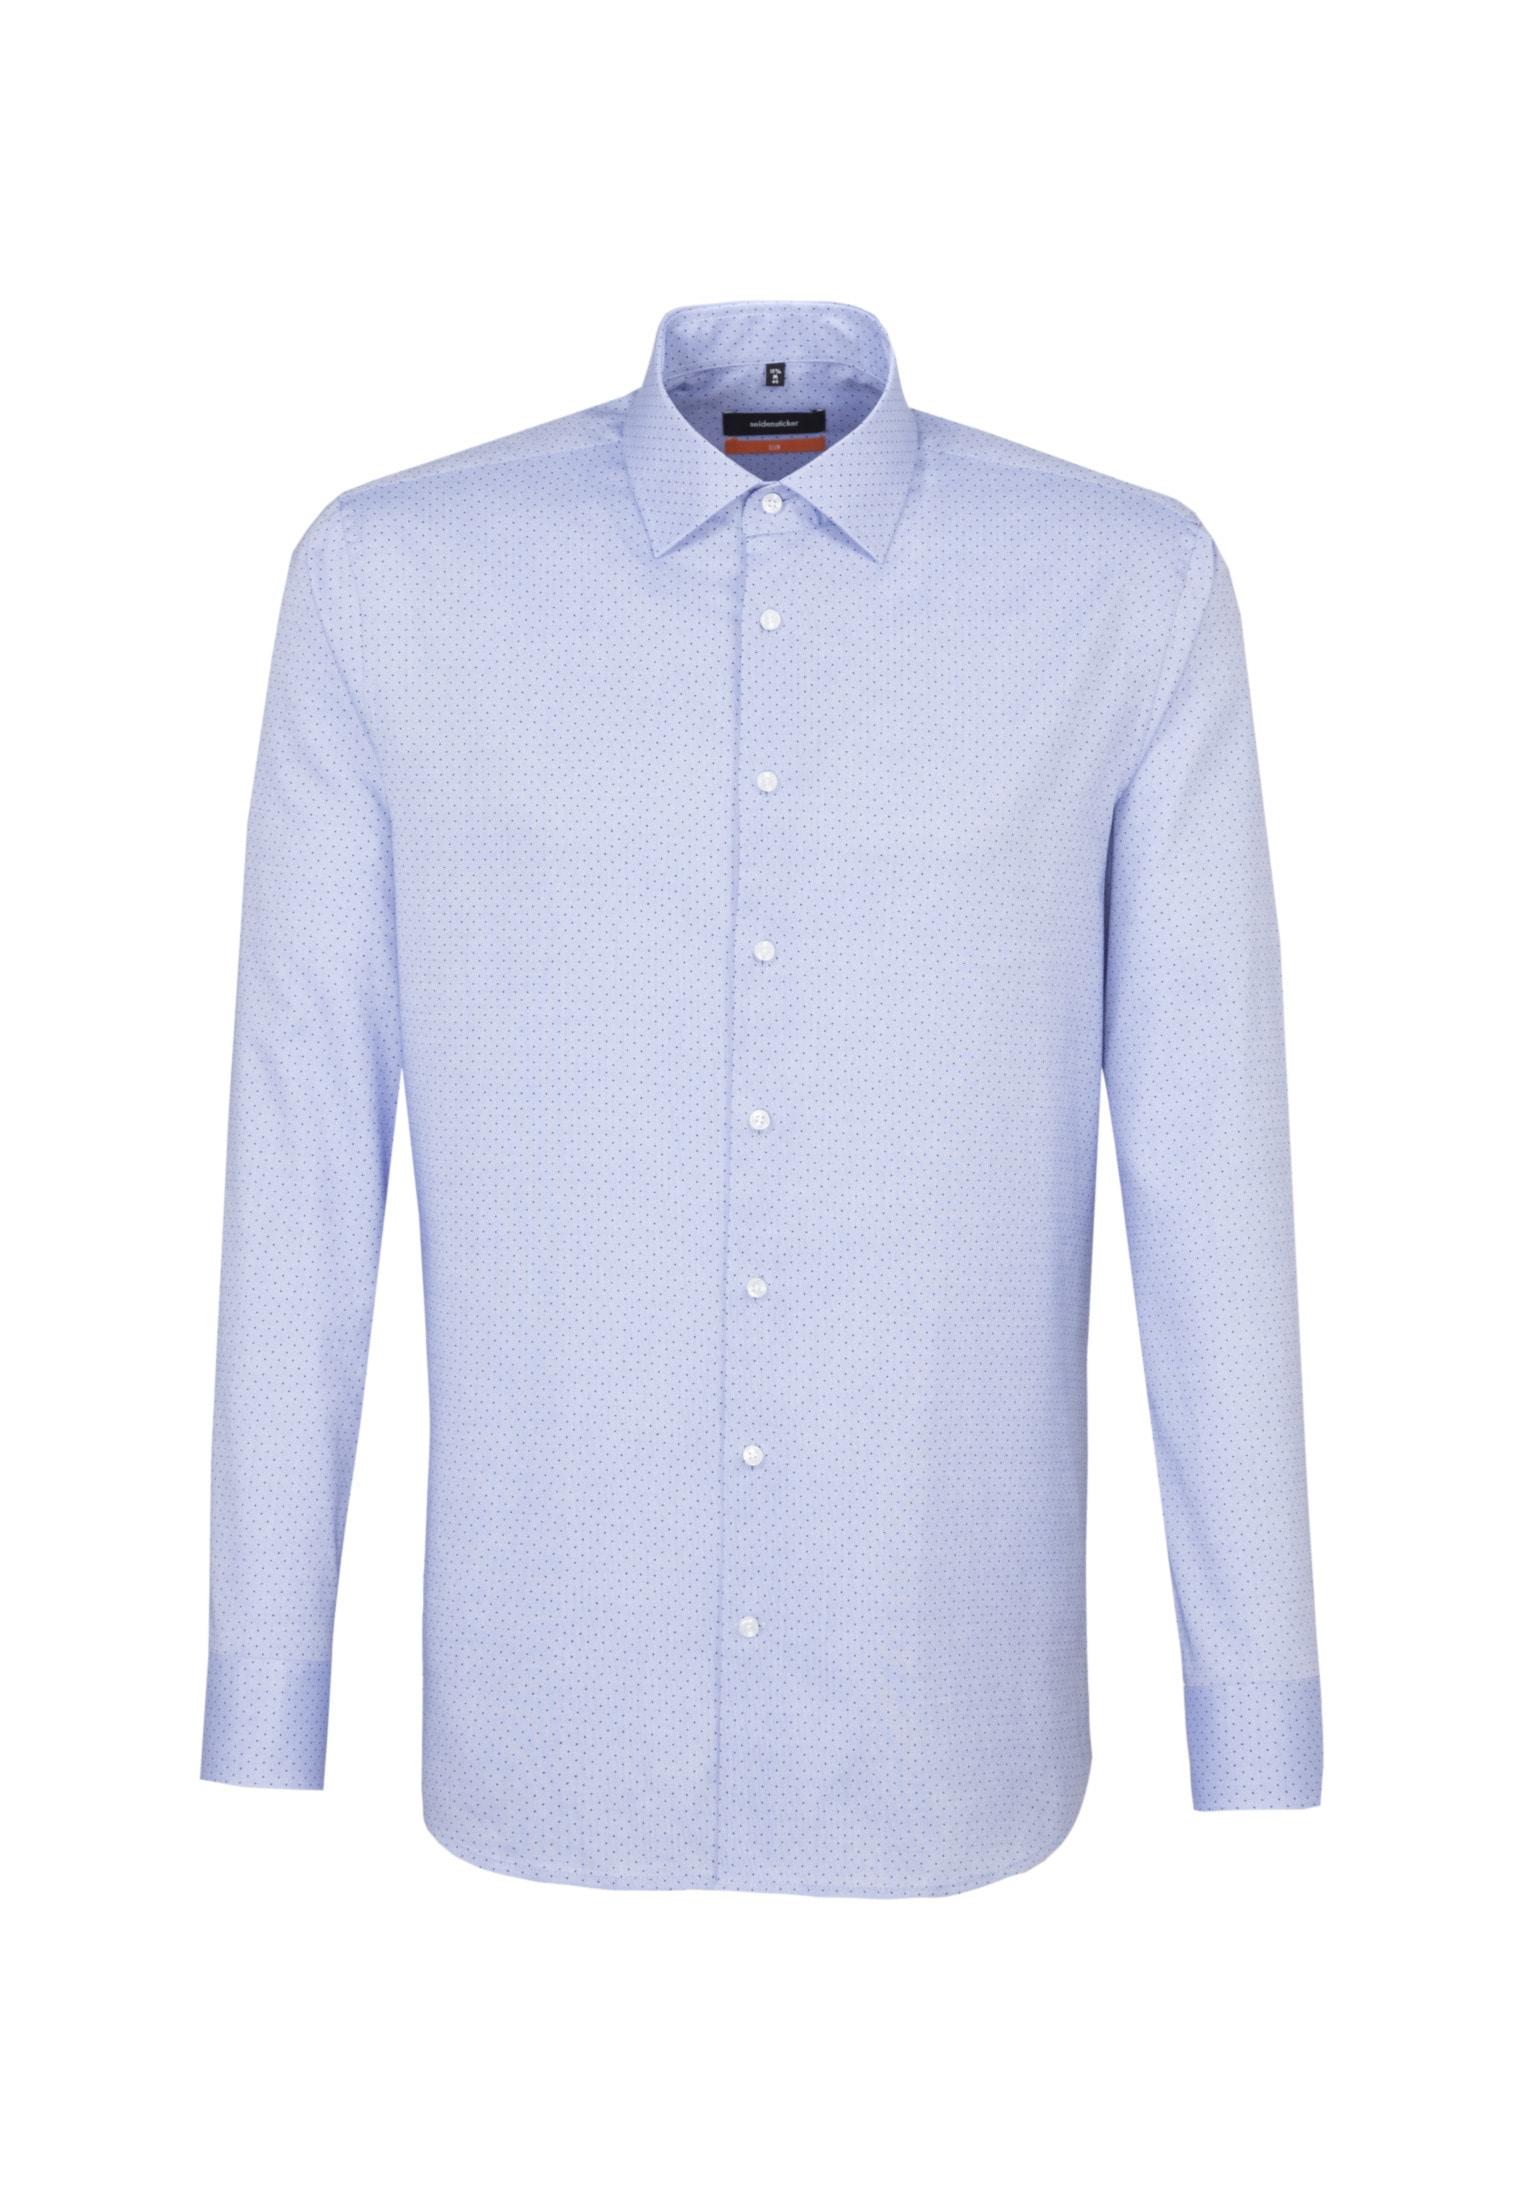 seidensticker Businesshemd Slim | Bekleidung > Hemden > Business Hemden | Blau | Seidensticker